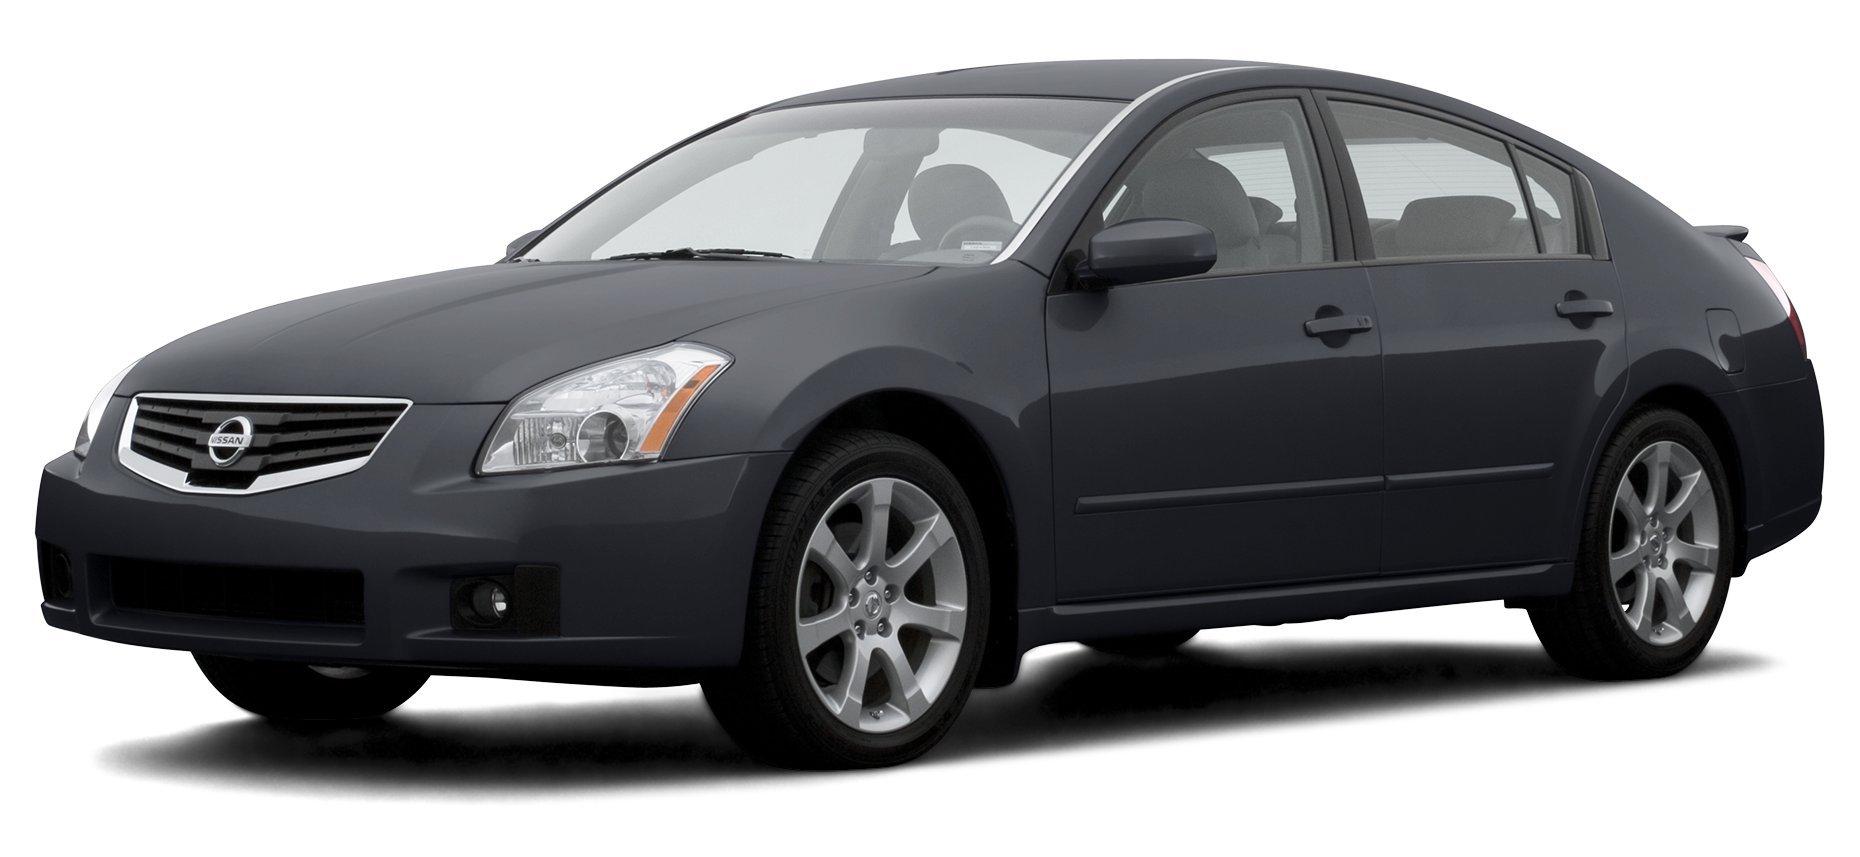 07 Nissan Maxima >> 2007 Nissan Maxima